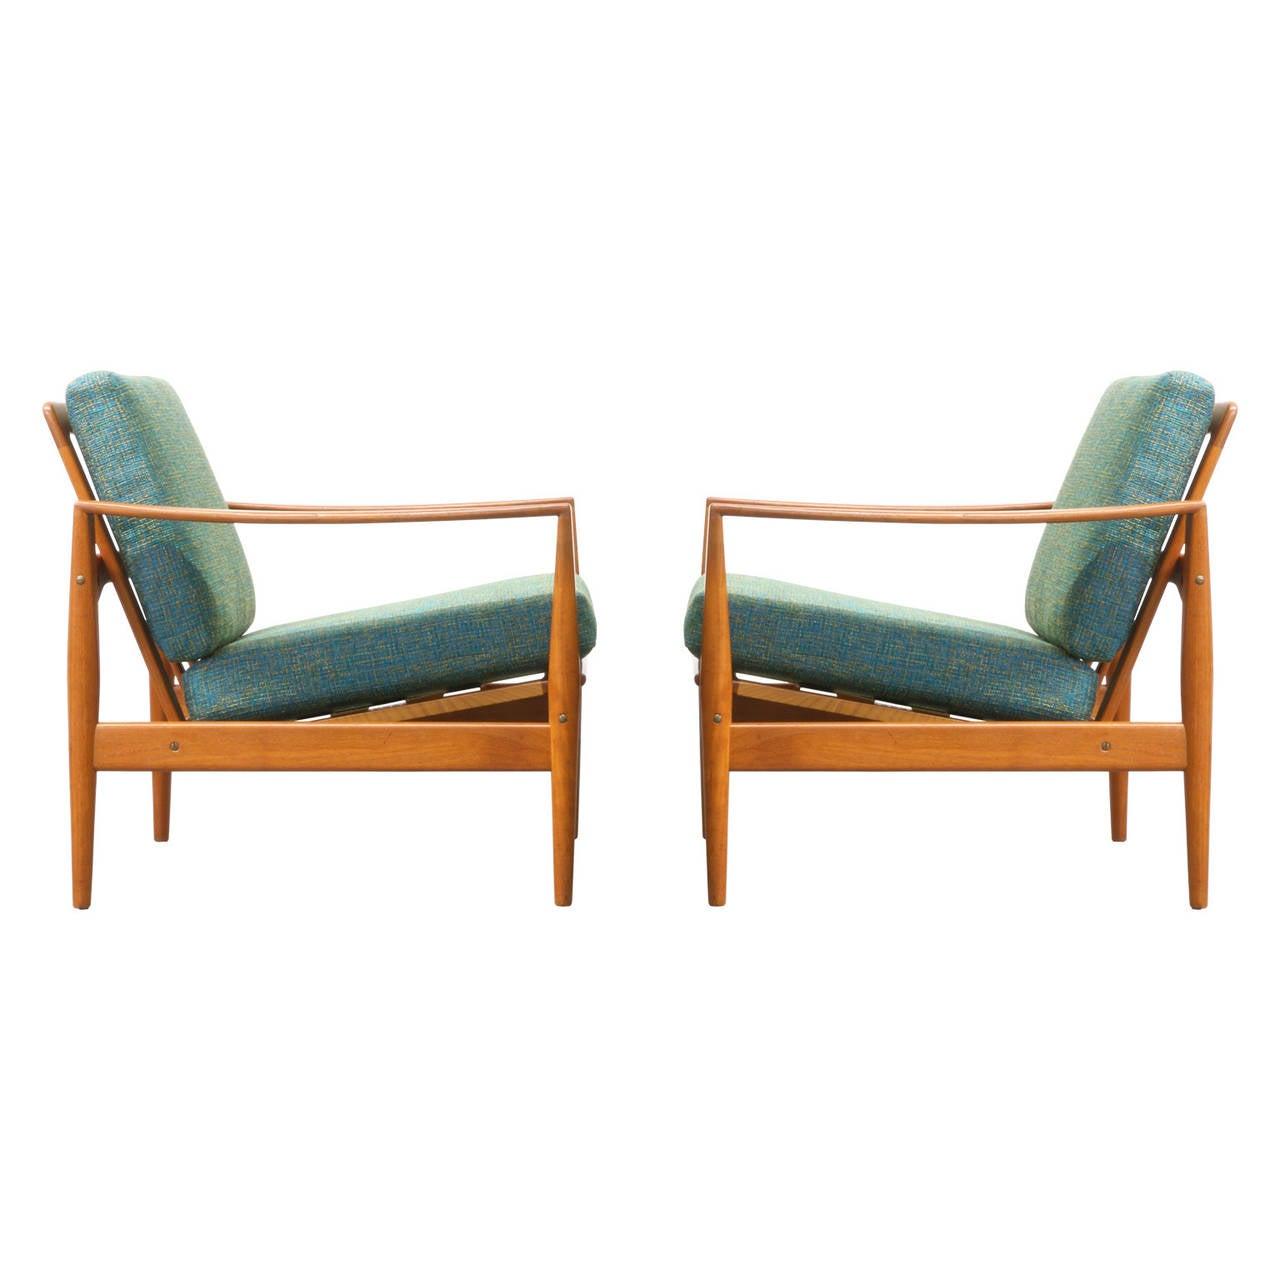 Illum Wikkelsø Teak Lounge Chairs at 1stdibs